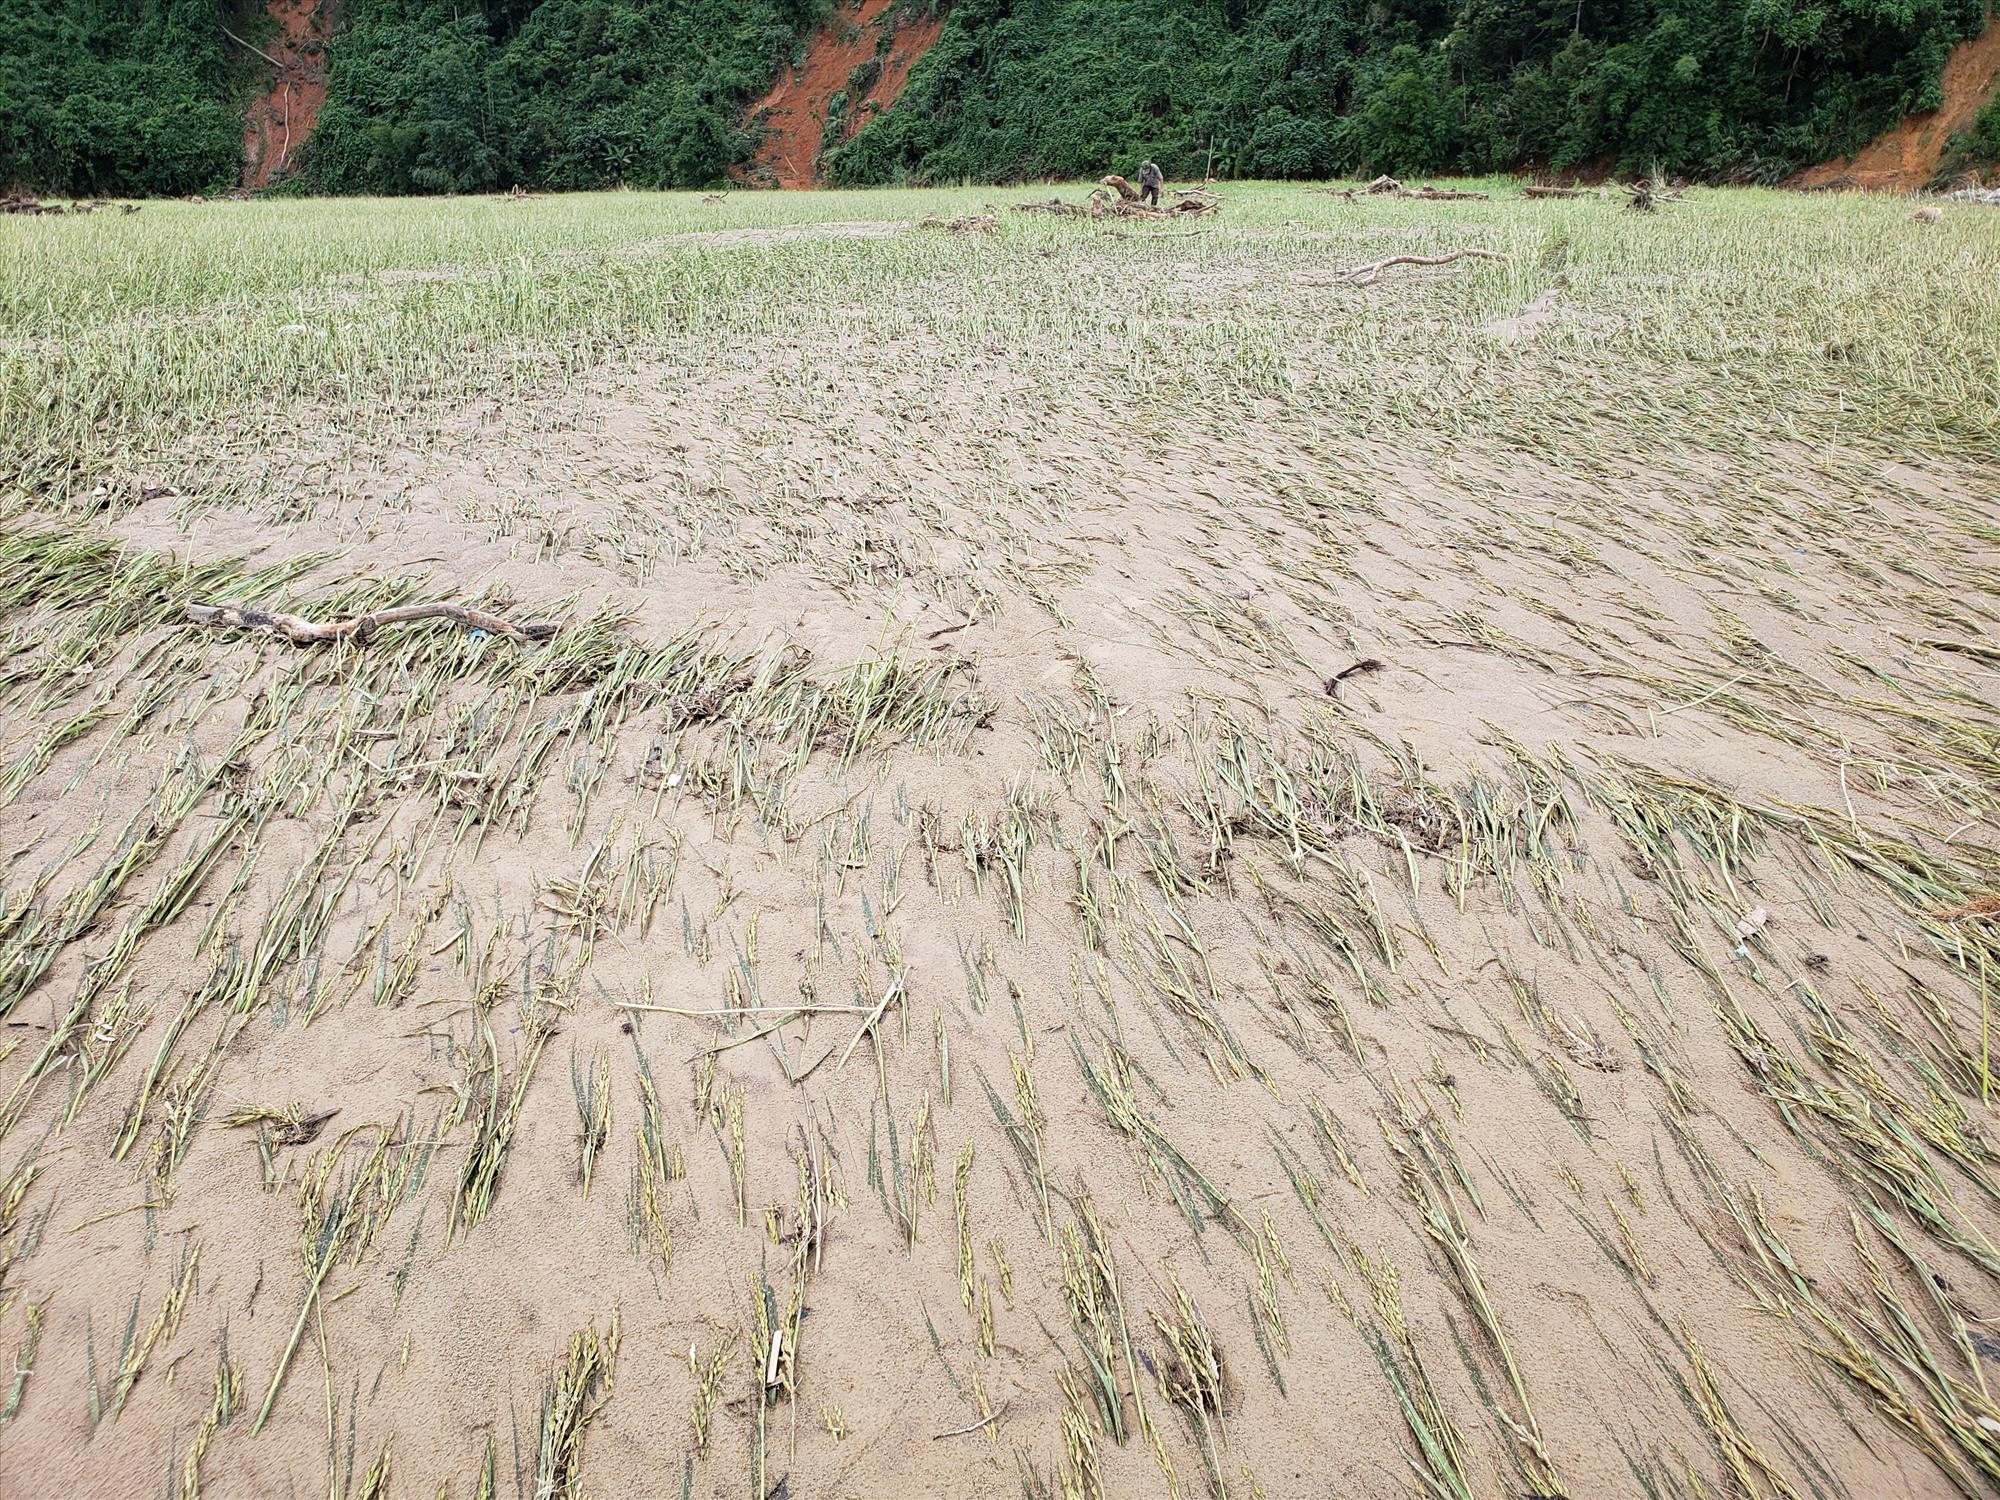 Đất, cát bồi lấp ruộng lúa, trong vụ đông xuân tới người dân chưa thể cải tạo lại cánh đồng. Ảnh: THANH THẮNG